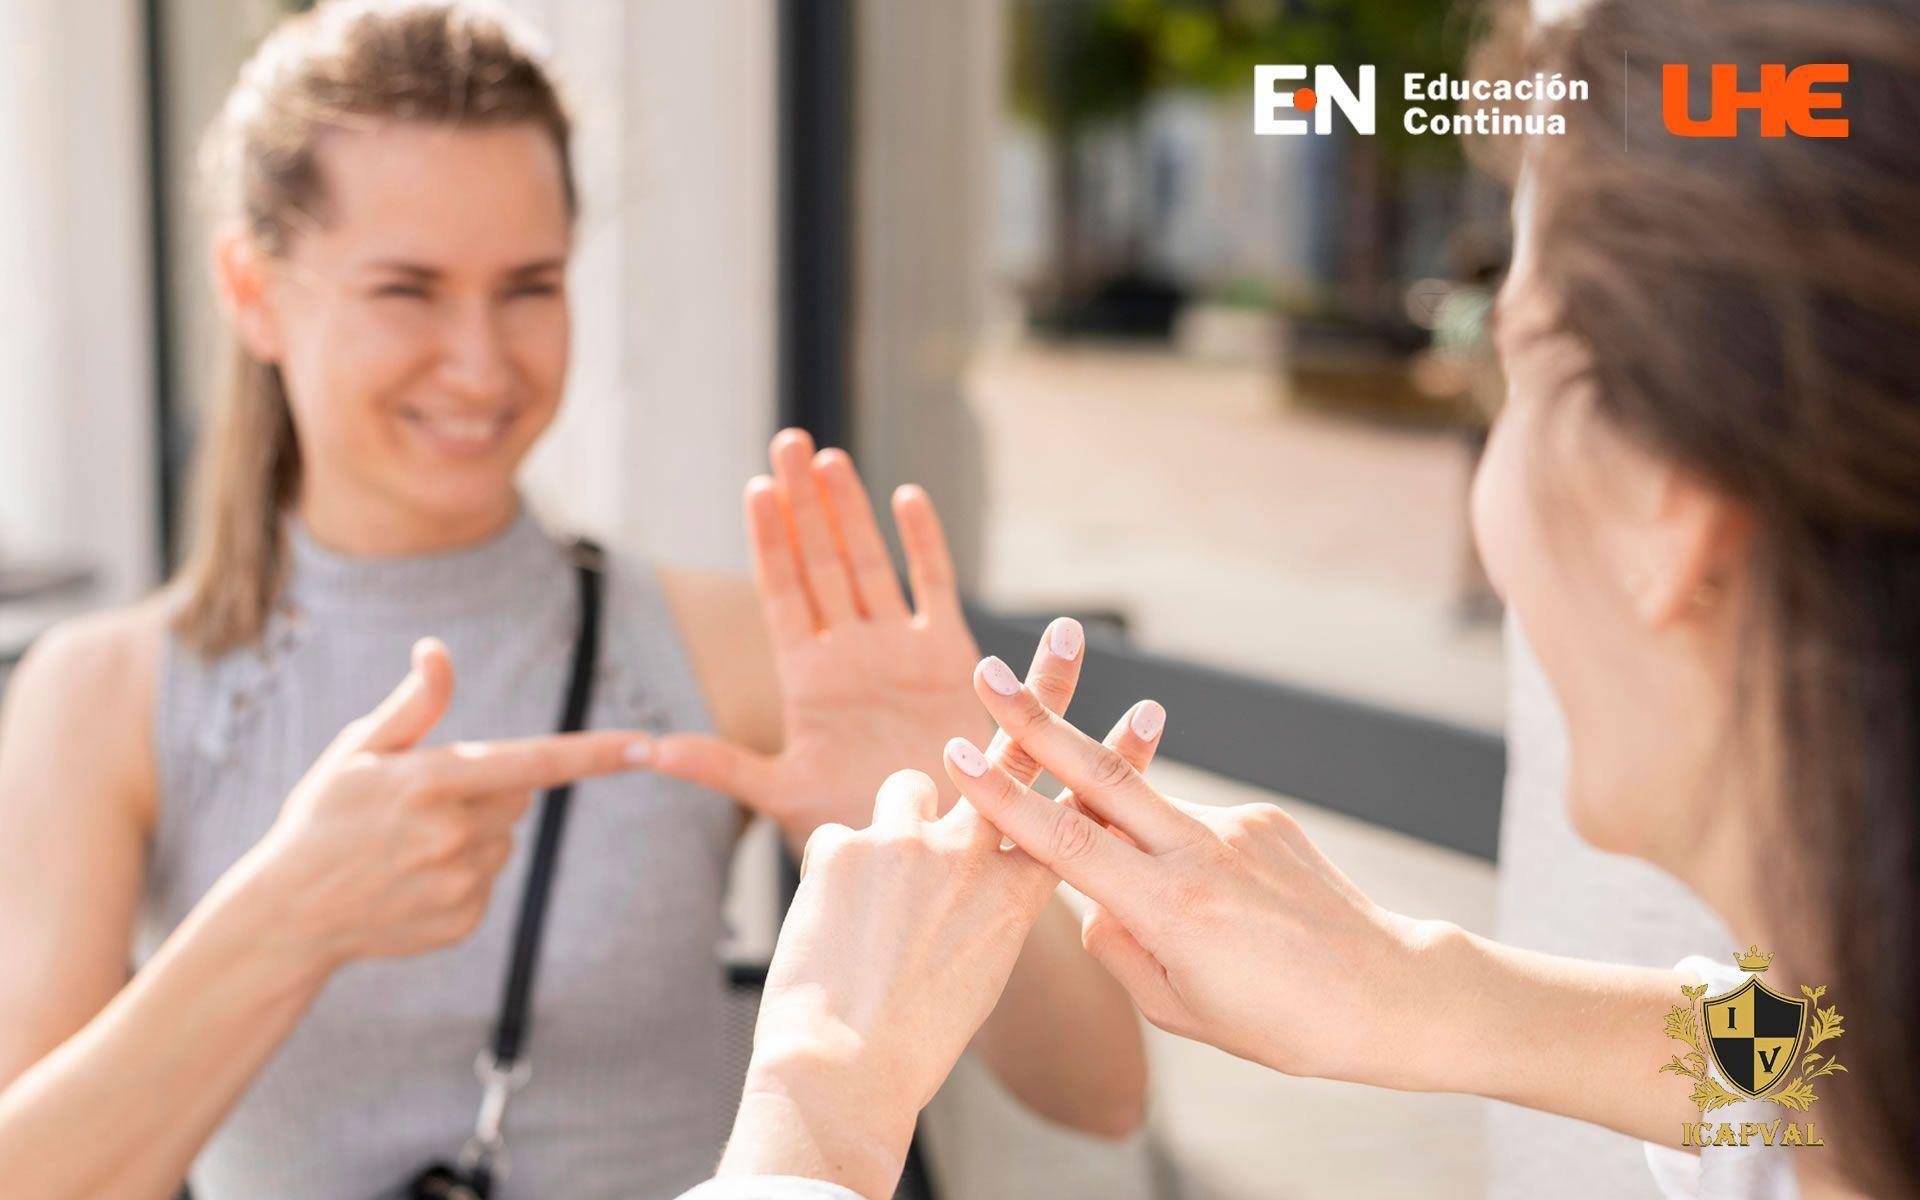 Certificación en Lengua de señas. Sistemas alternativos y aumentativos de la comunicación